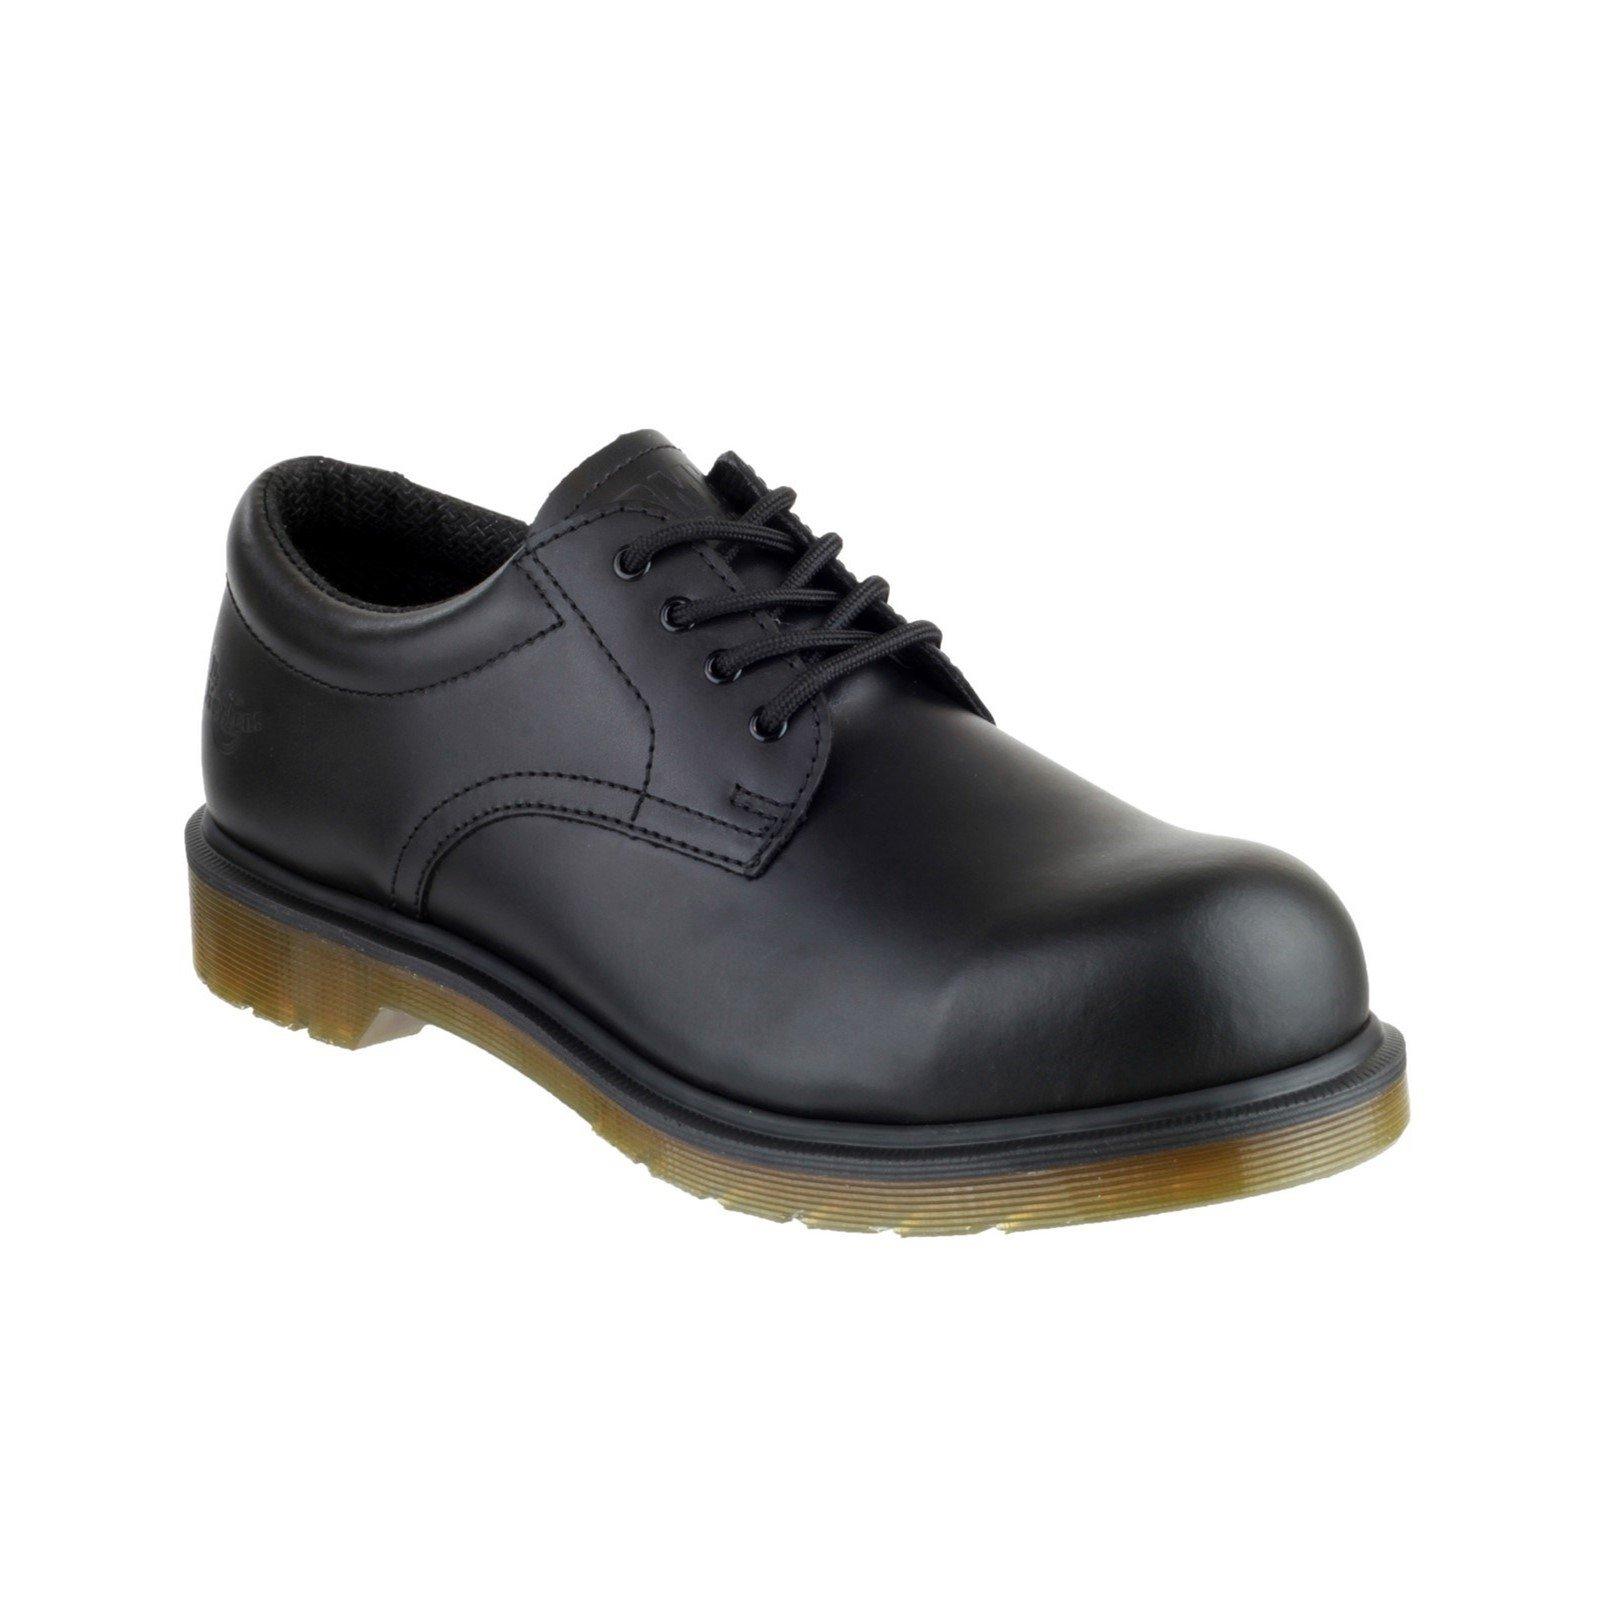 Dr Martens Unisex Icon Lace up Derby Shoe Black 00588 - Black 14